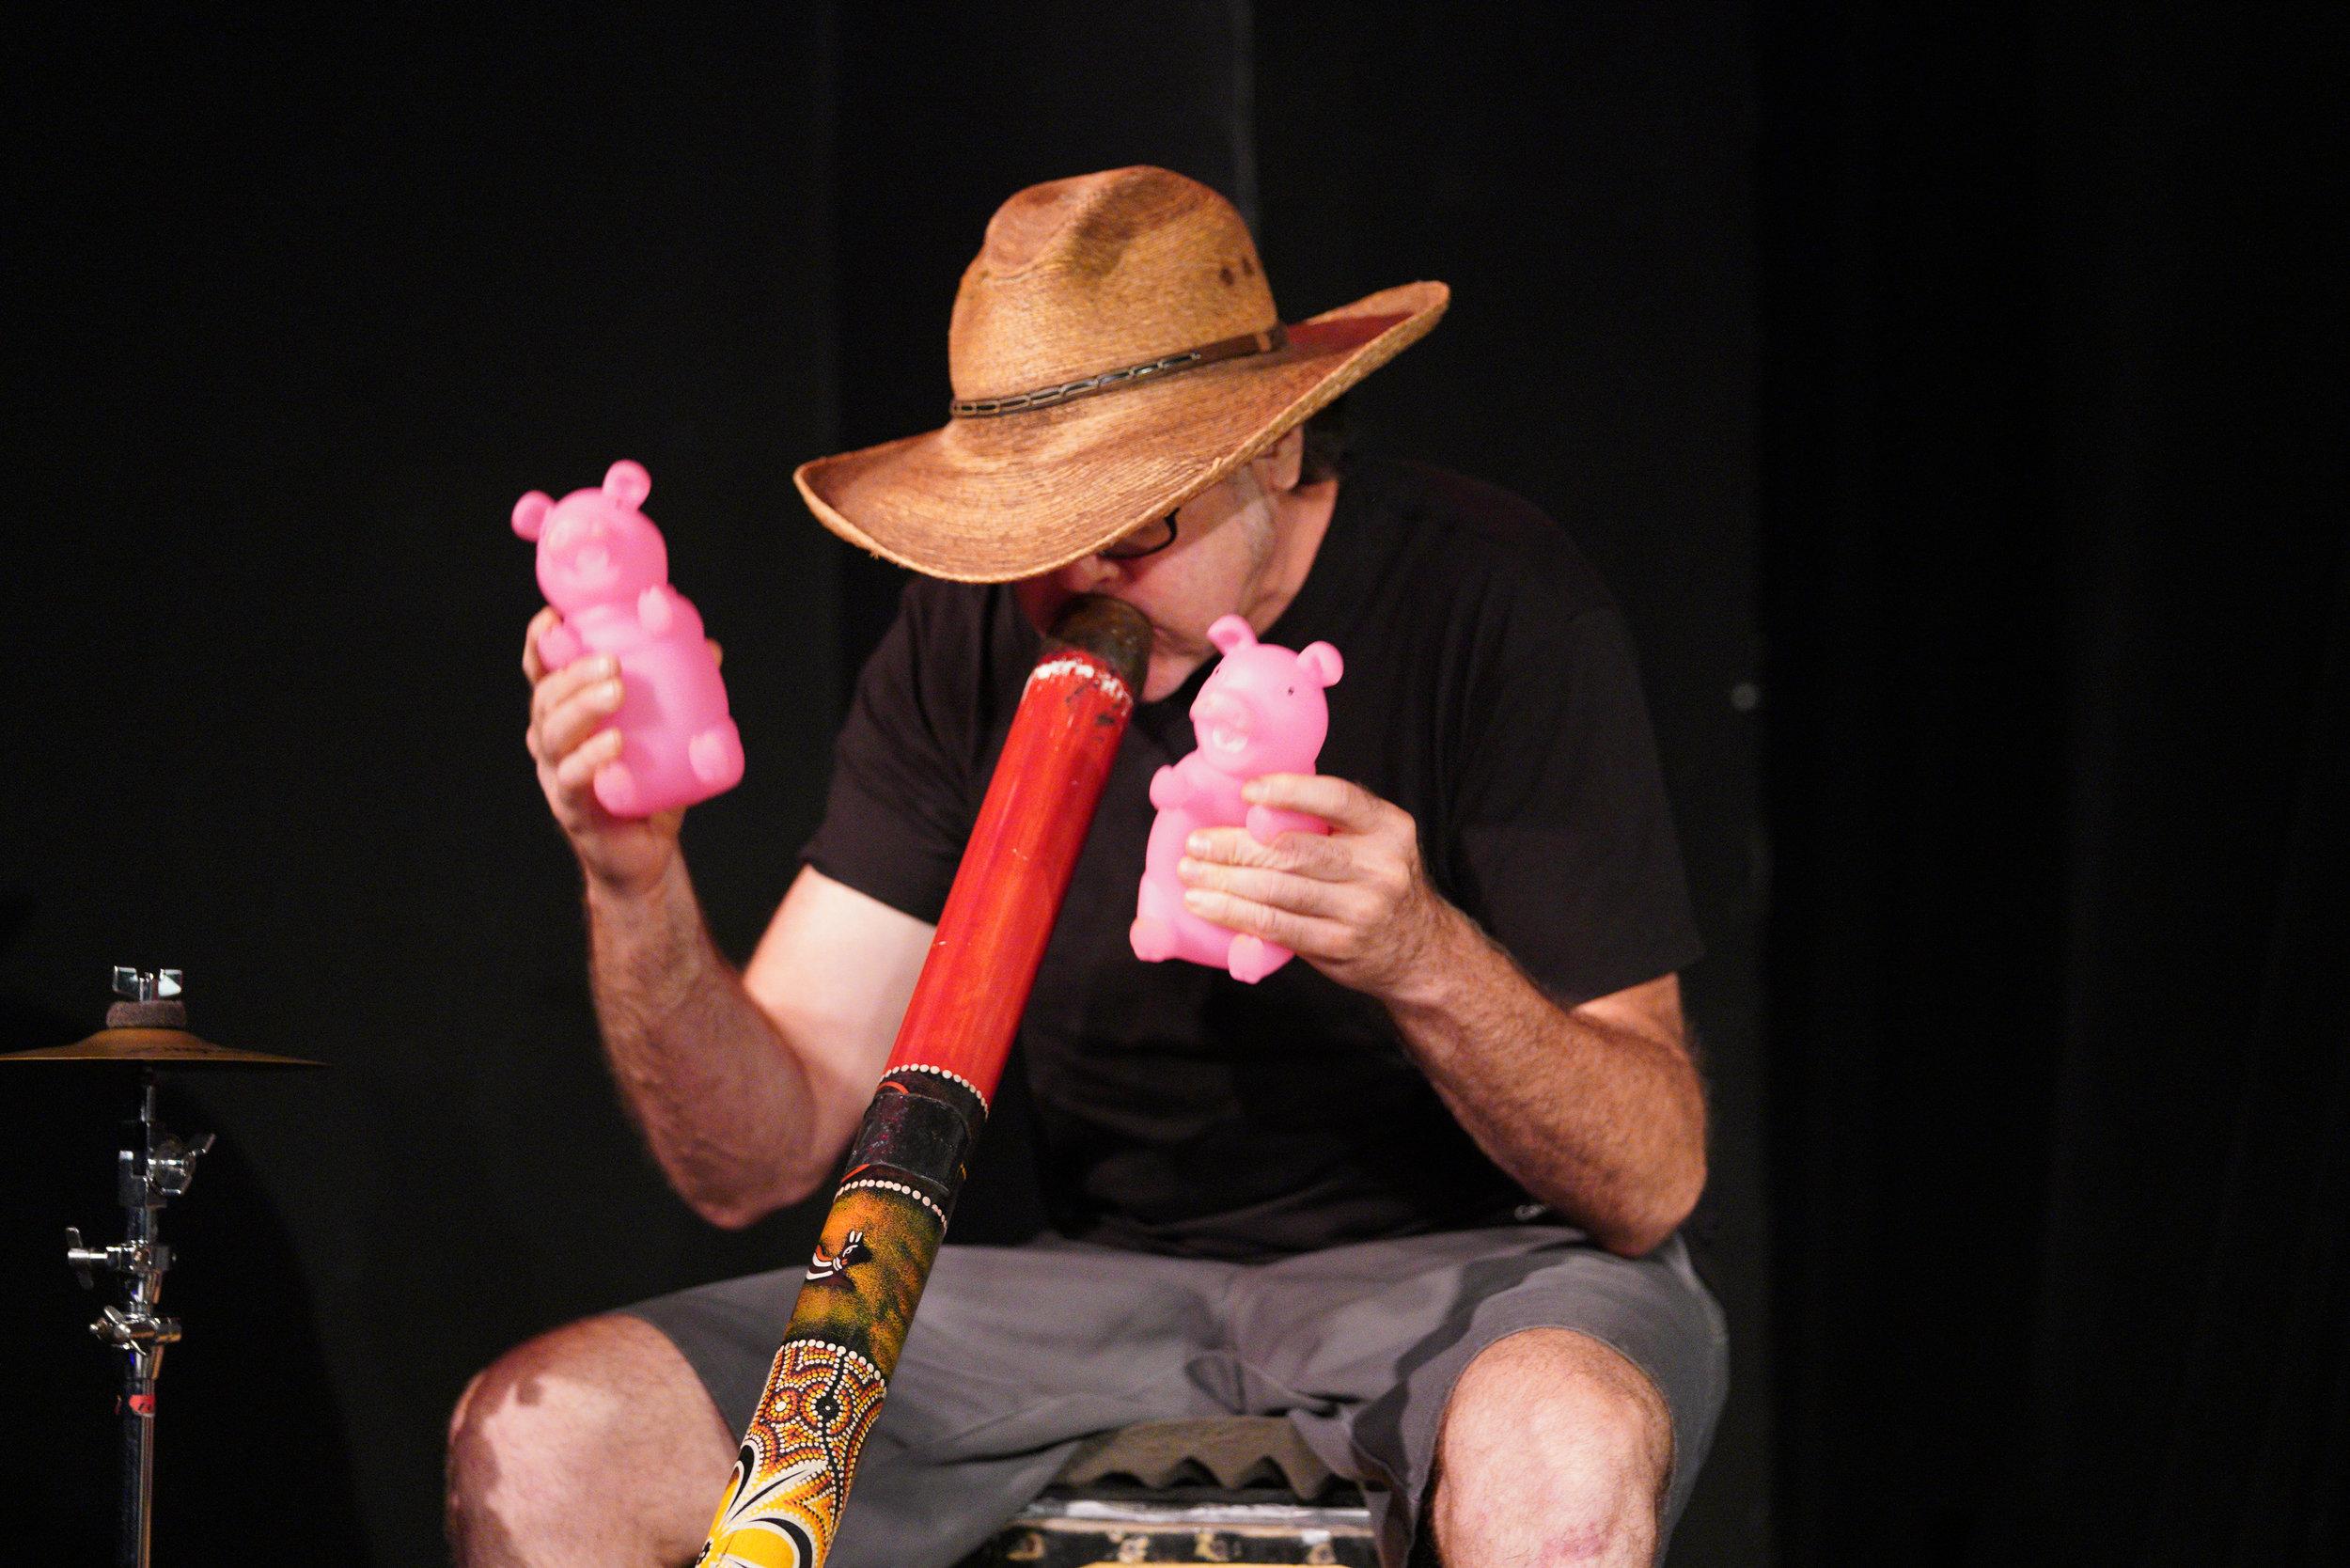 """Multi instrumentalist Marc Mueller, aka """"SteetMule."""" Photo by Steven Pisano"""